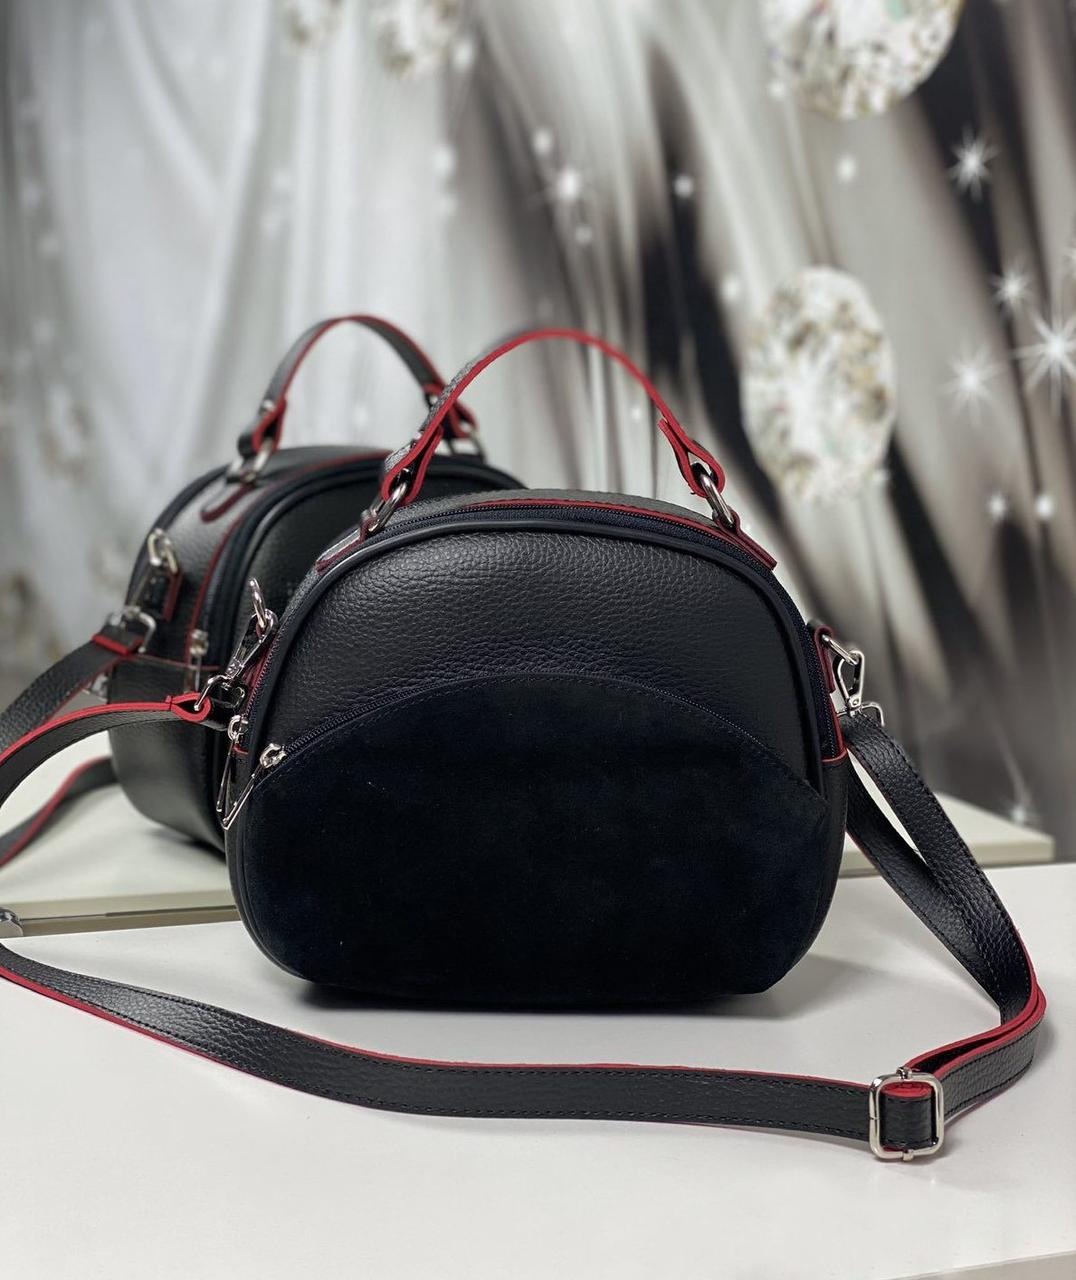 Полукруглая сумка через плечо небольшая женская стильня сумочка кроссбоди черная замша+кожзам